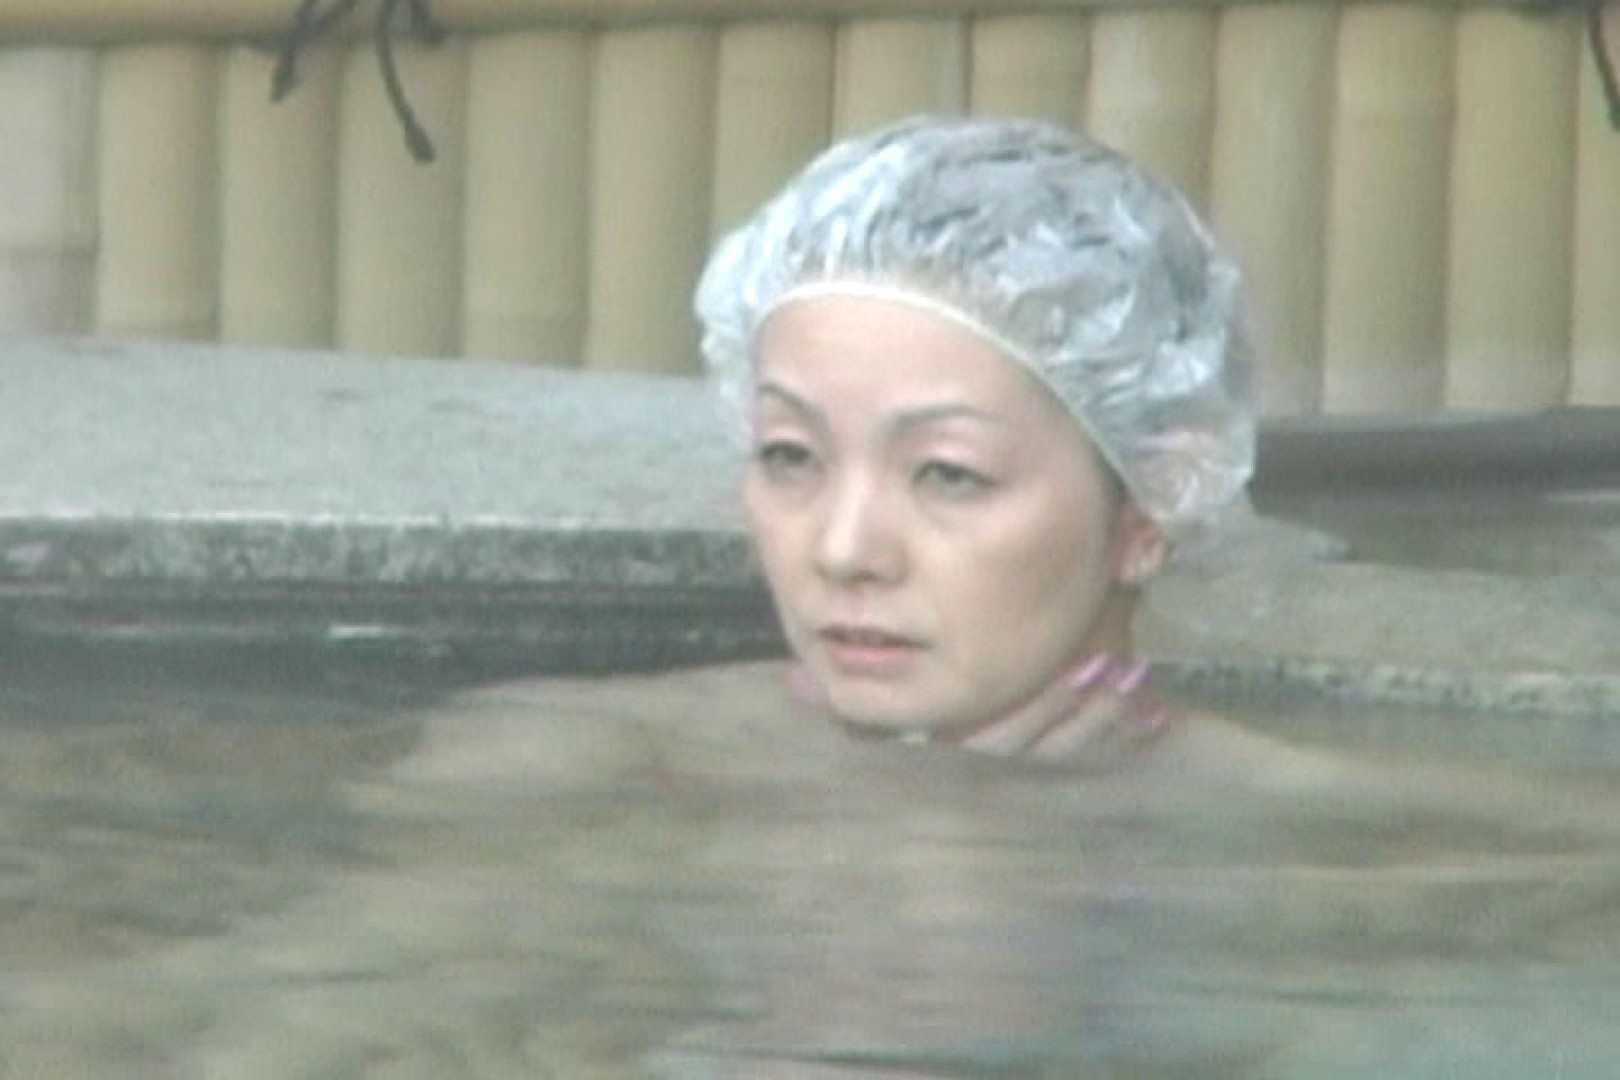 Aquaな露天風呂Vol.592 盗撮師作品 | 美しいOLの裸体  91pic 55